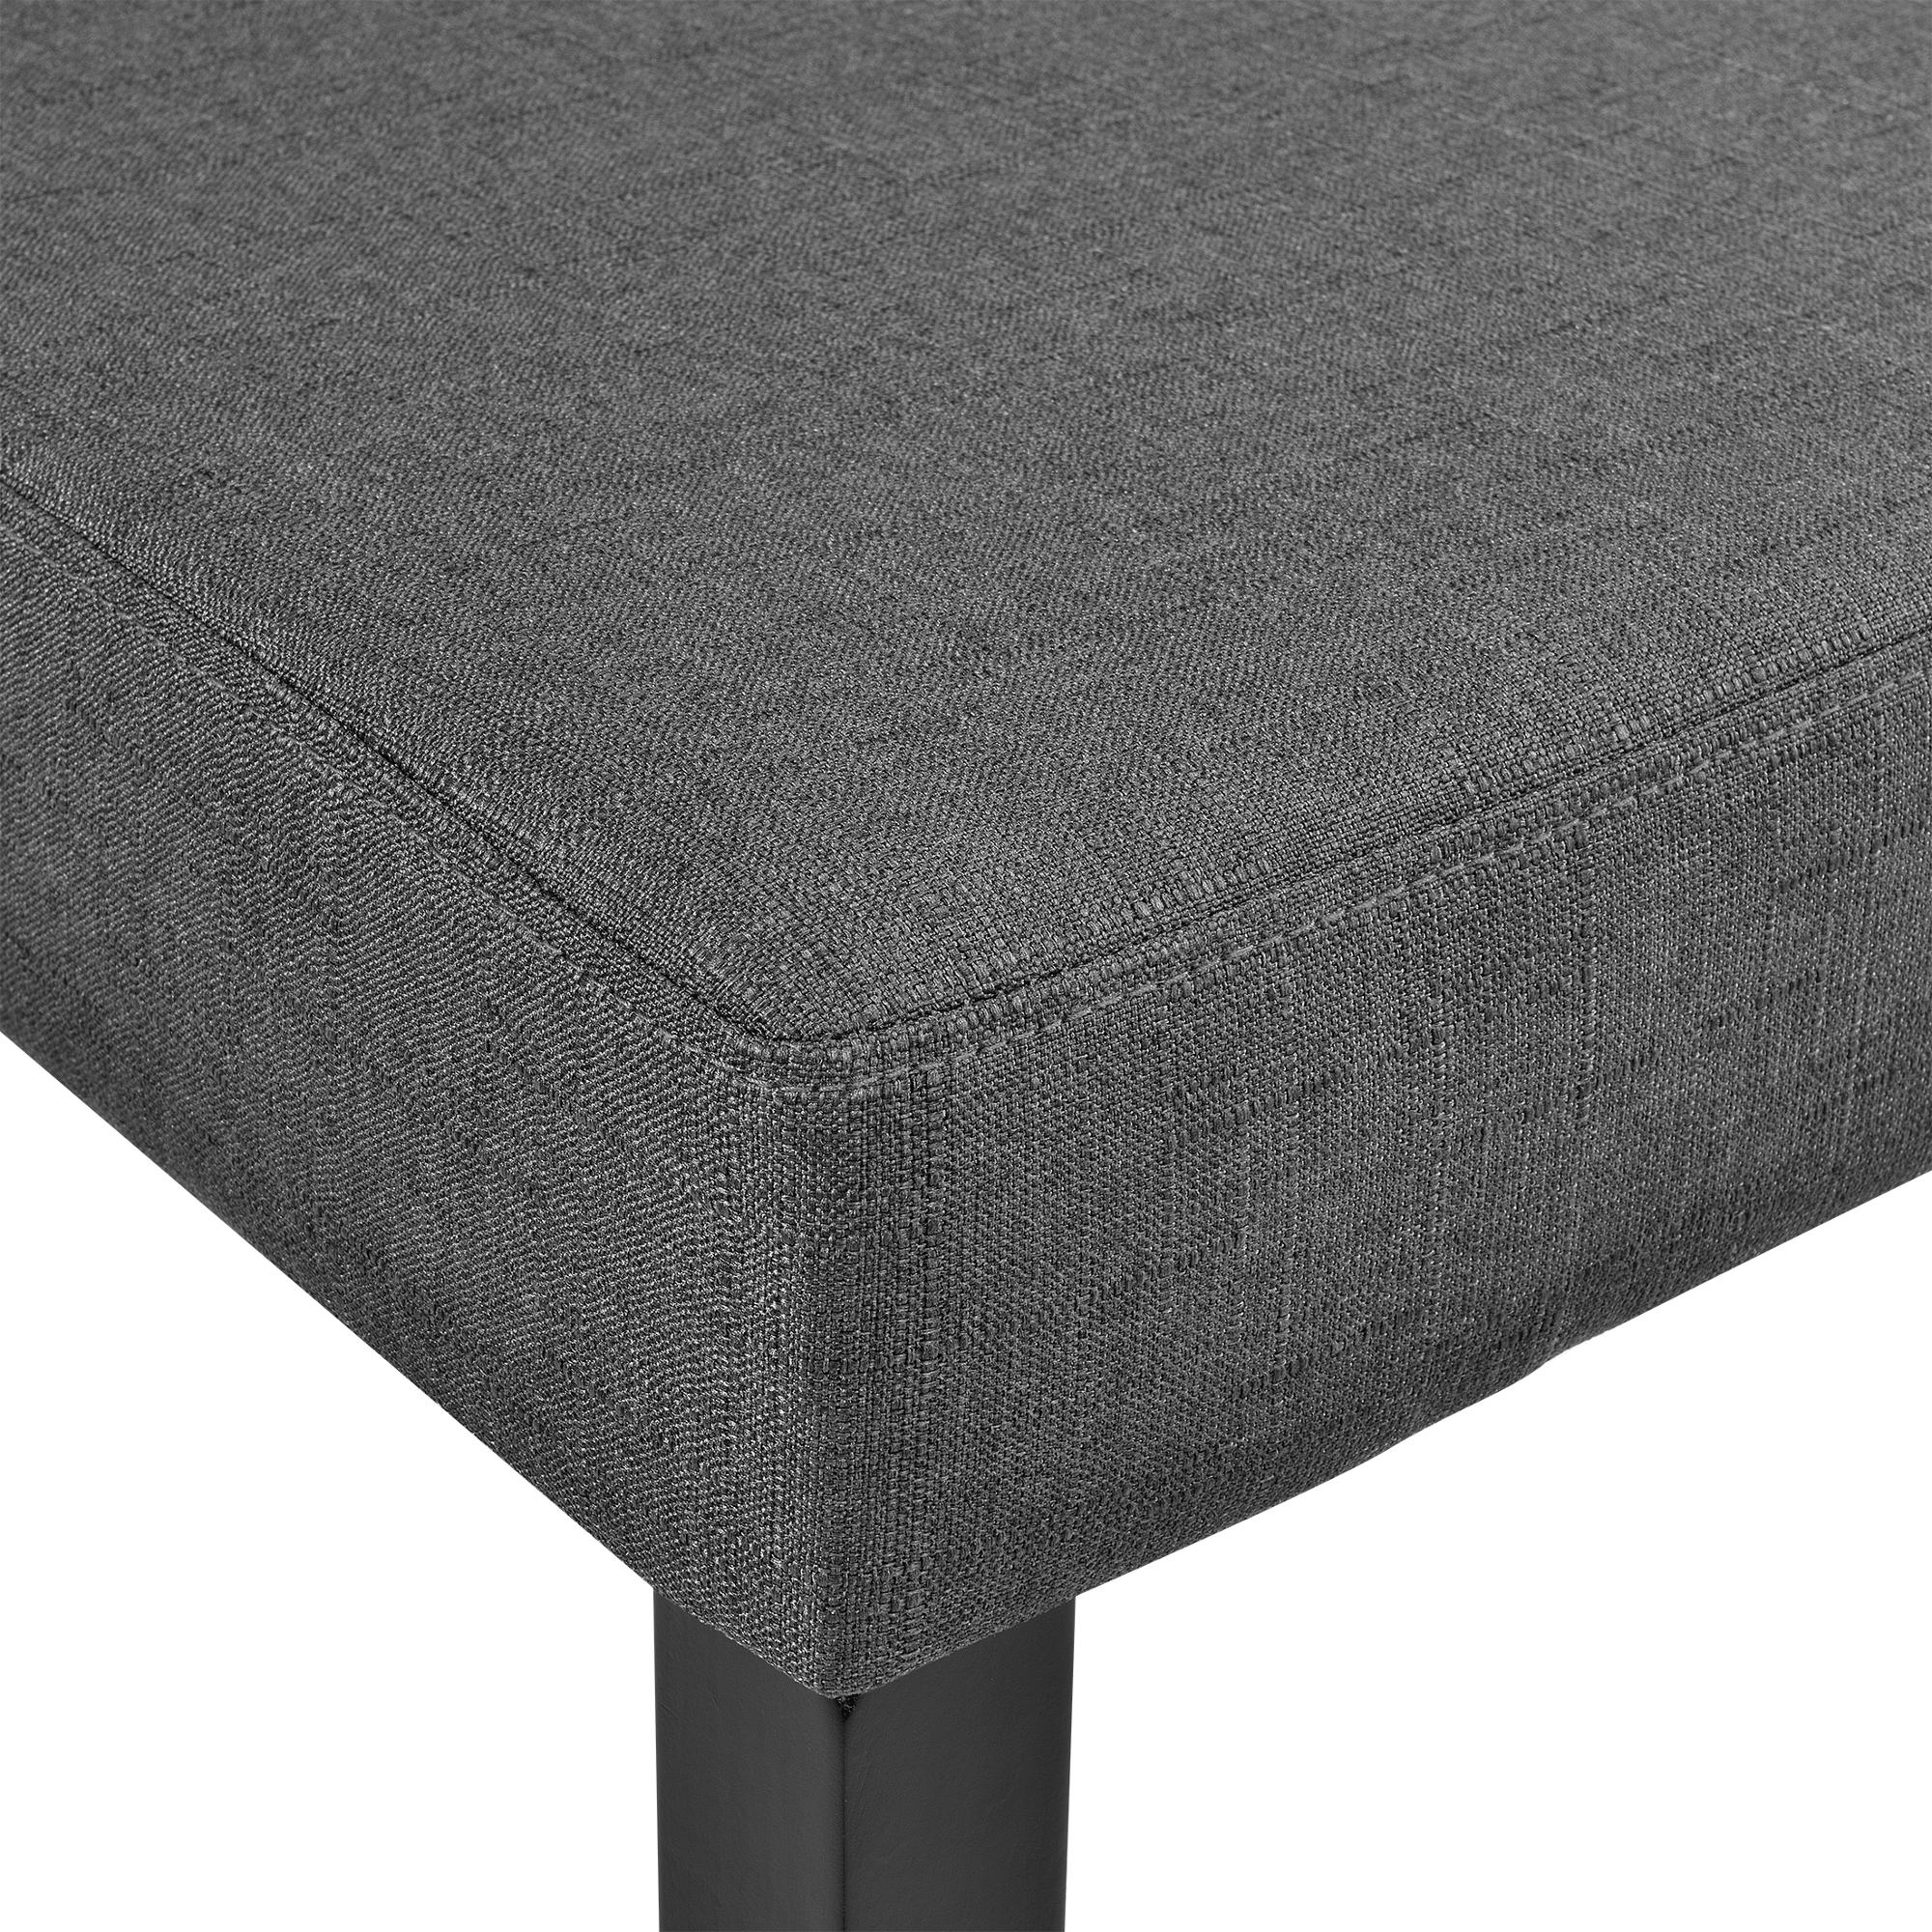 6x design st hle textil dunkelgrau stuhl hochlehner stoff esszimmer 4059438106552 ebay. Black Bedroom Furniture Sets. Home Design Ideas